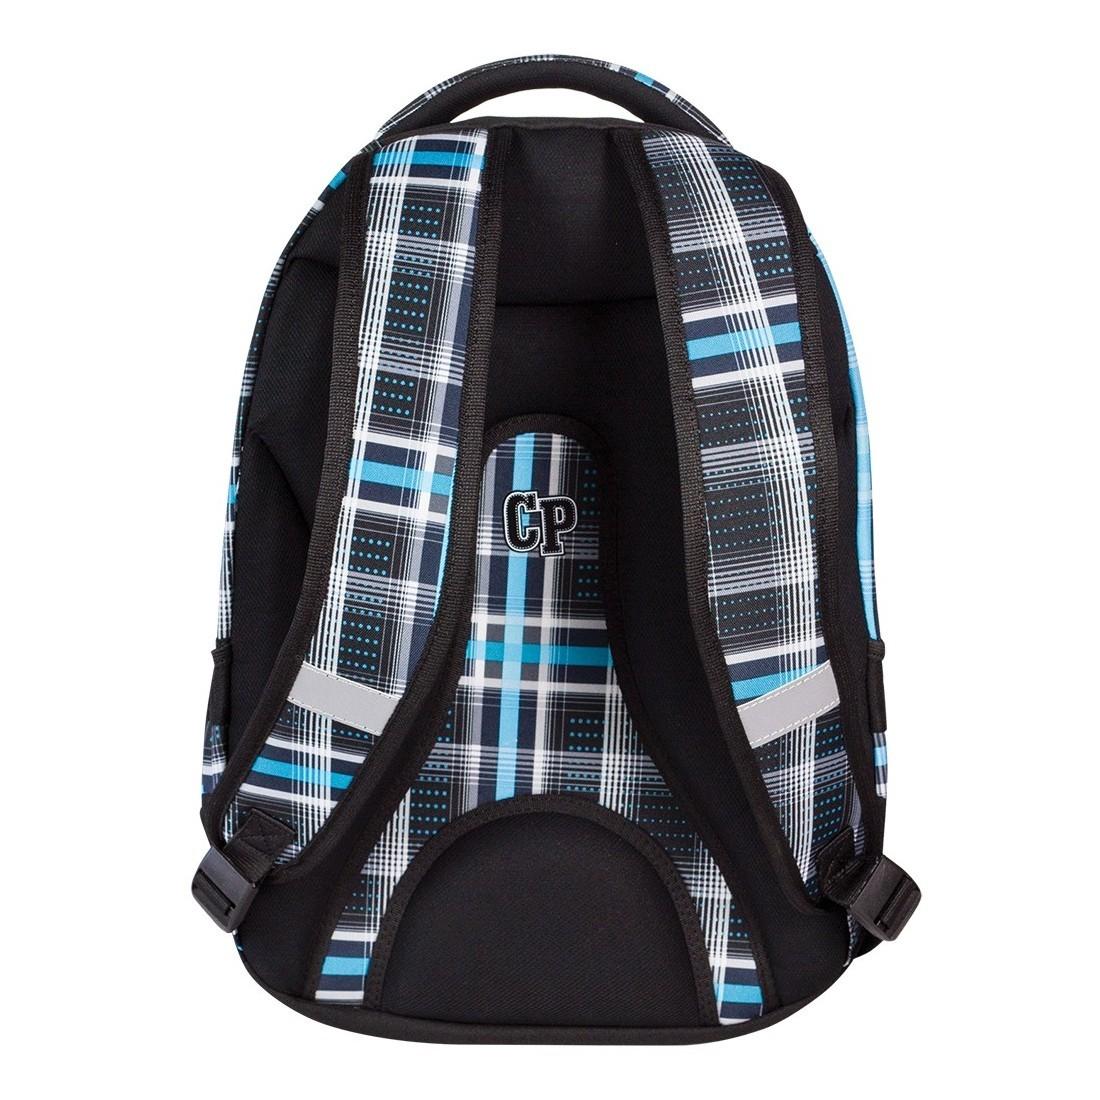 Plecak młodzieżowy CoolPack CP czarny i niebieski w kratkę - 2w1 COMBO SPORTY 451 - plecak-tornister.pl